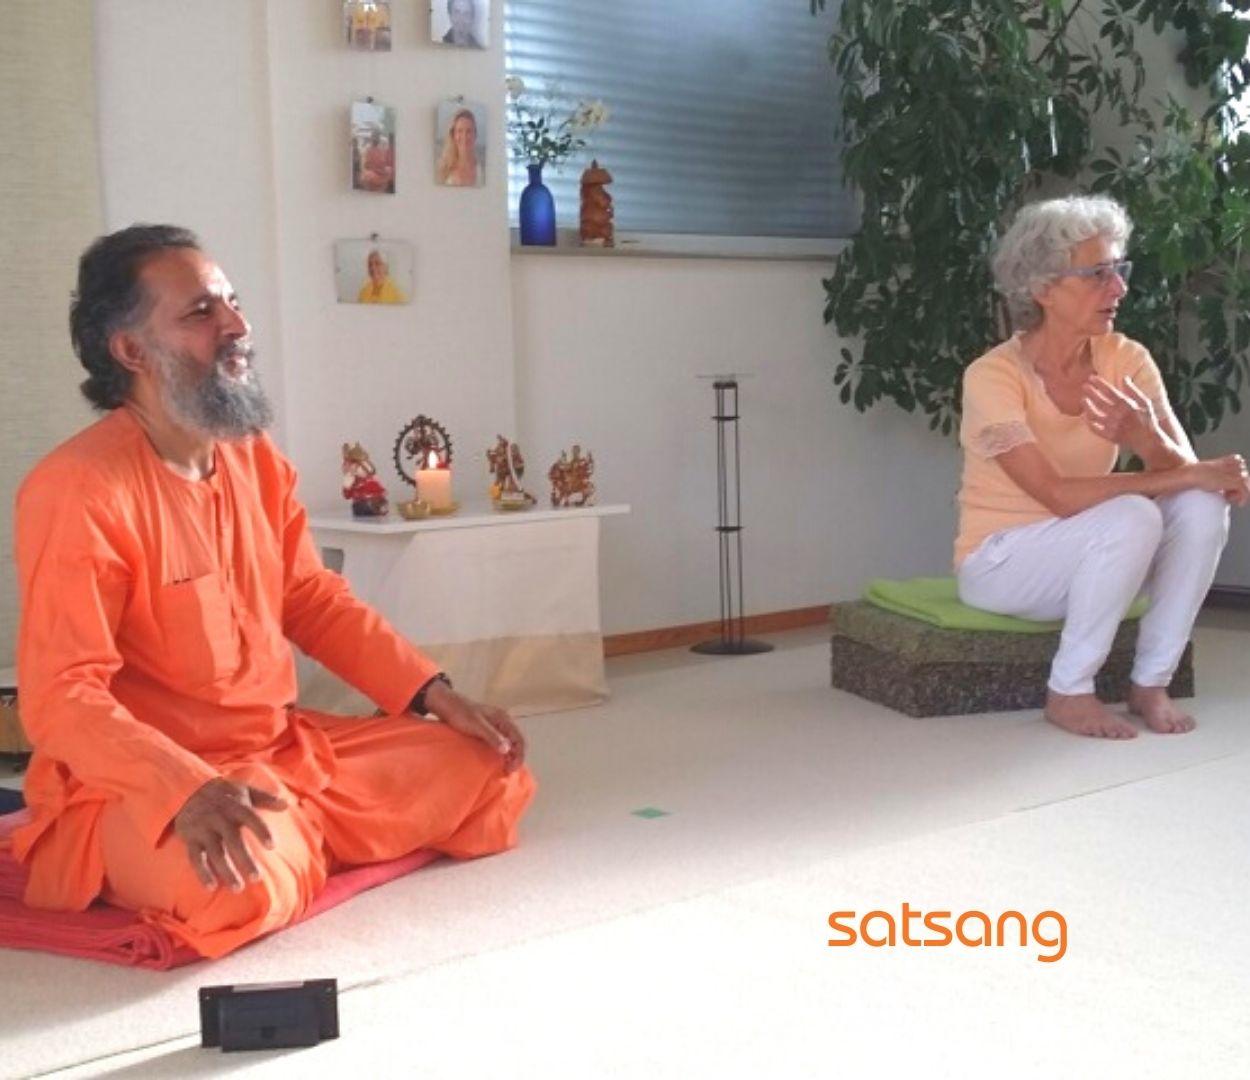 yoga tuttlingen satsang